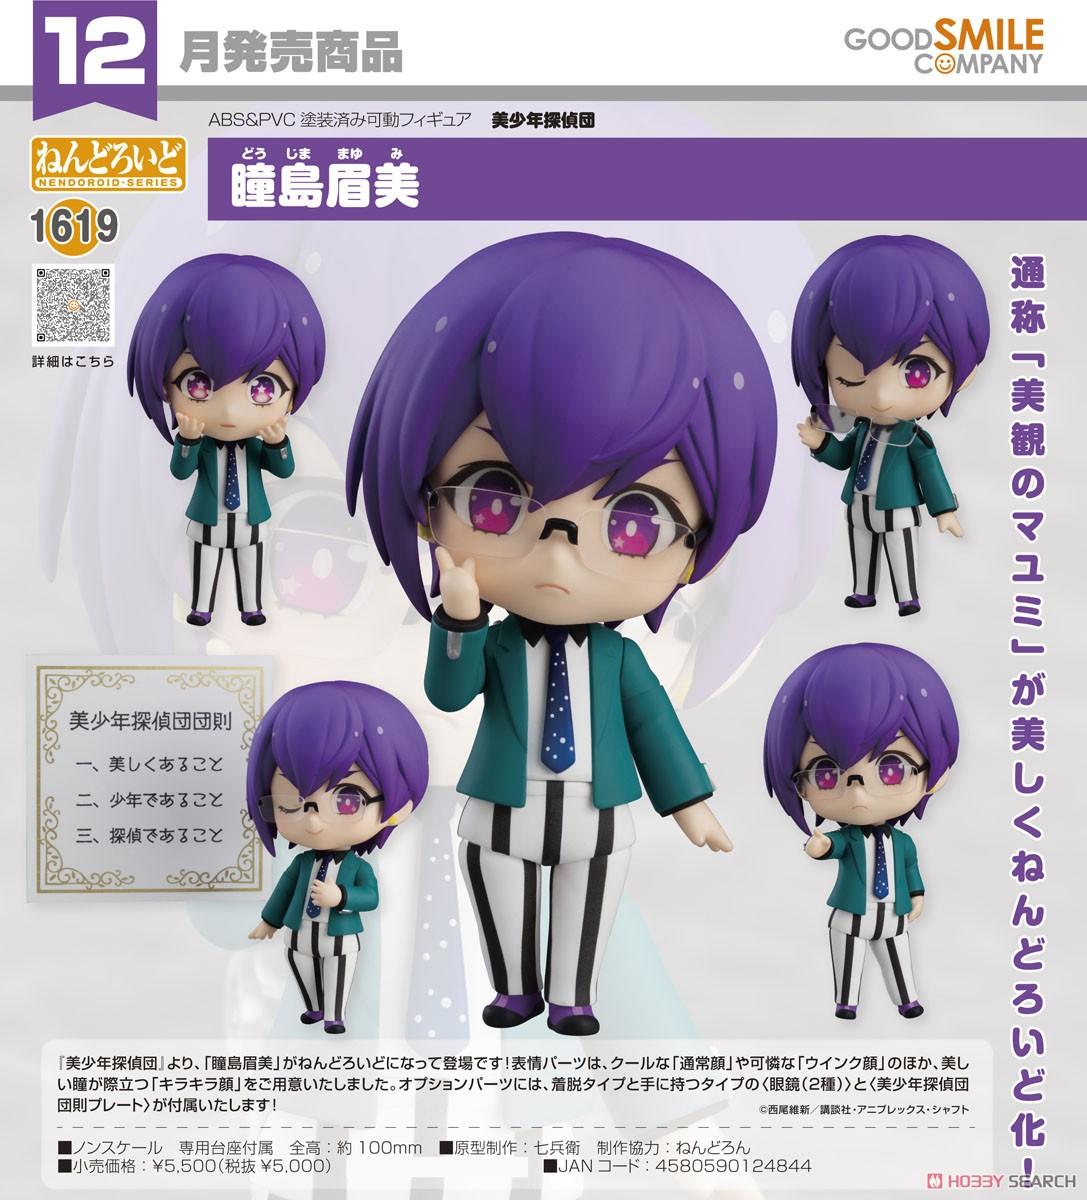 ねんどろいど『瞳島眉美』美少年探偵団 デフォルメ可動フィギュア-006